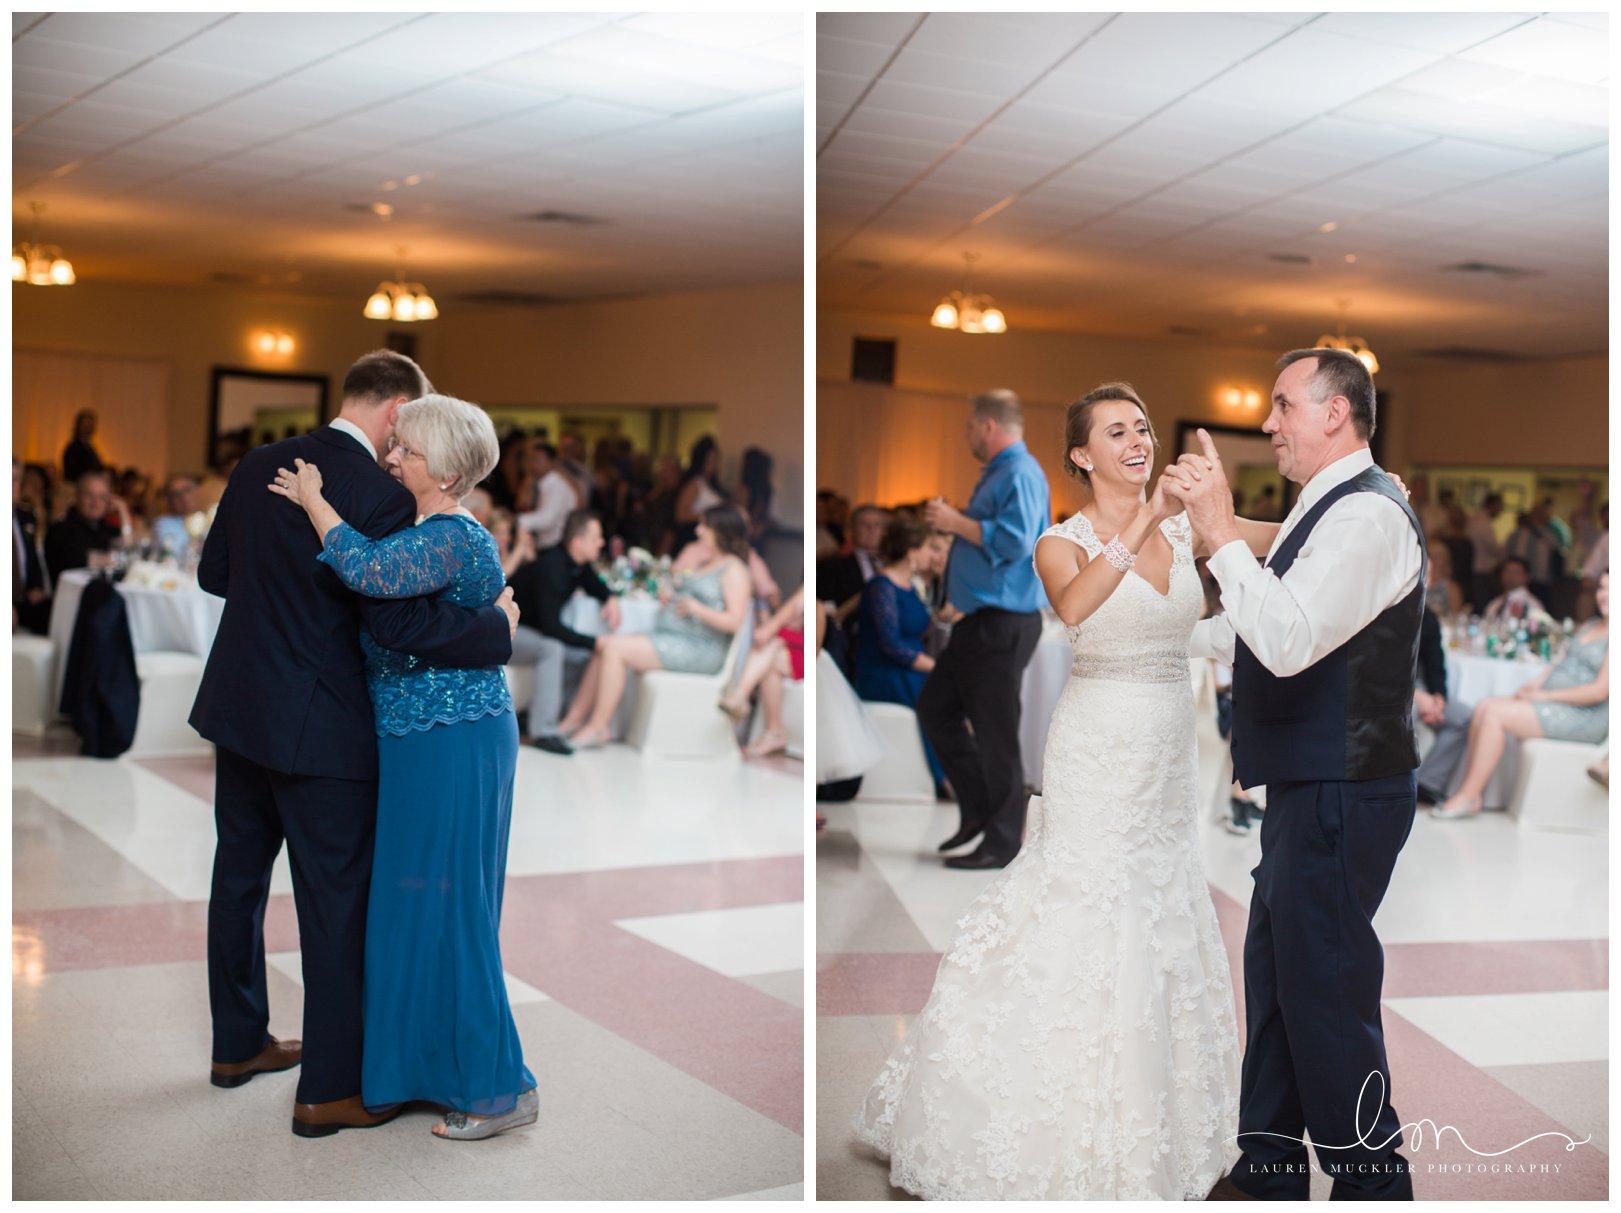 lauren muckler photography_fine art film wedding photography_st louis_photography_0501.jpg